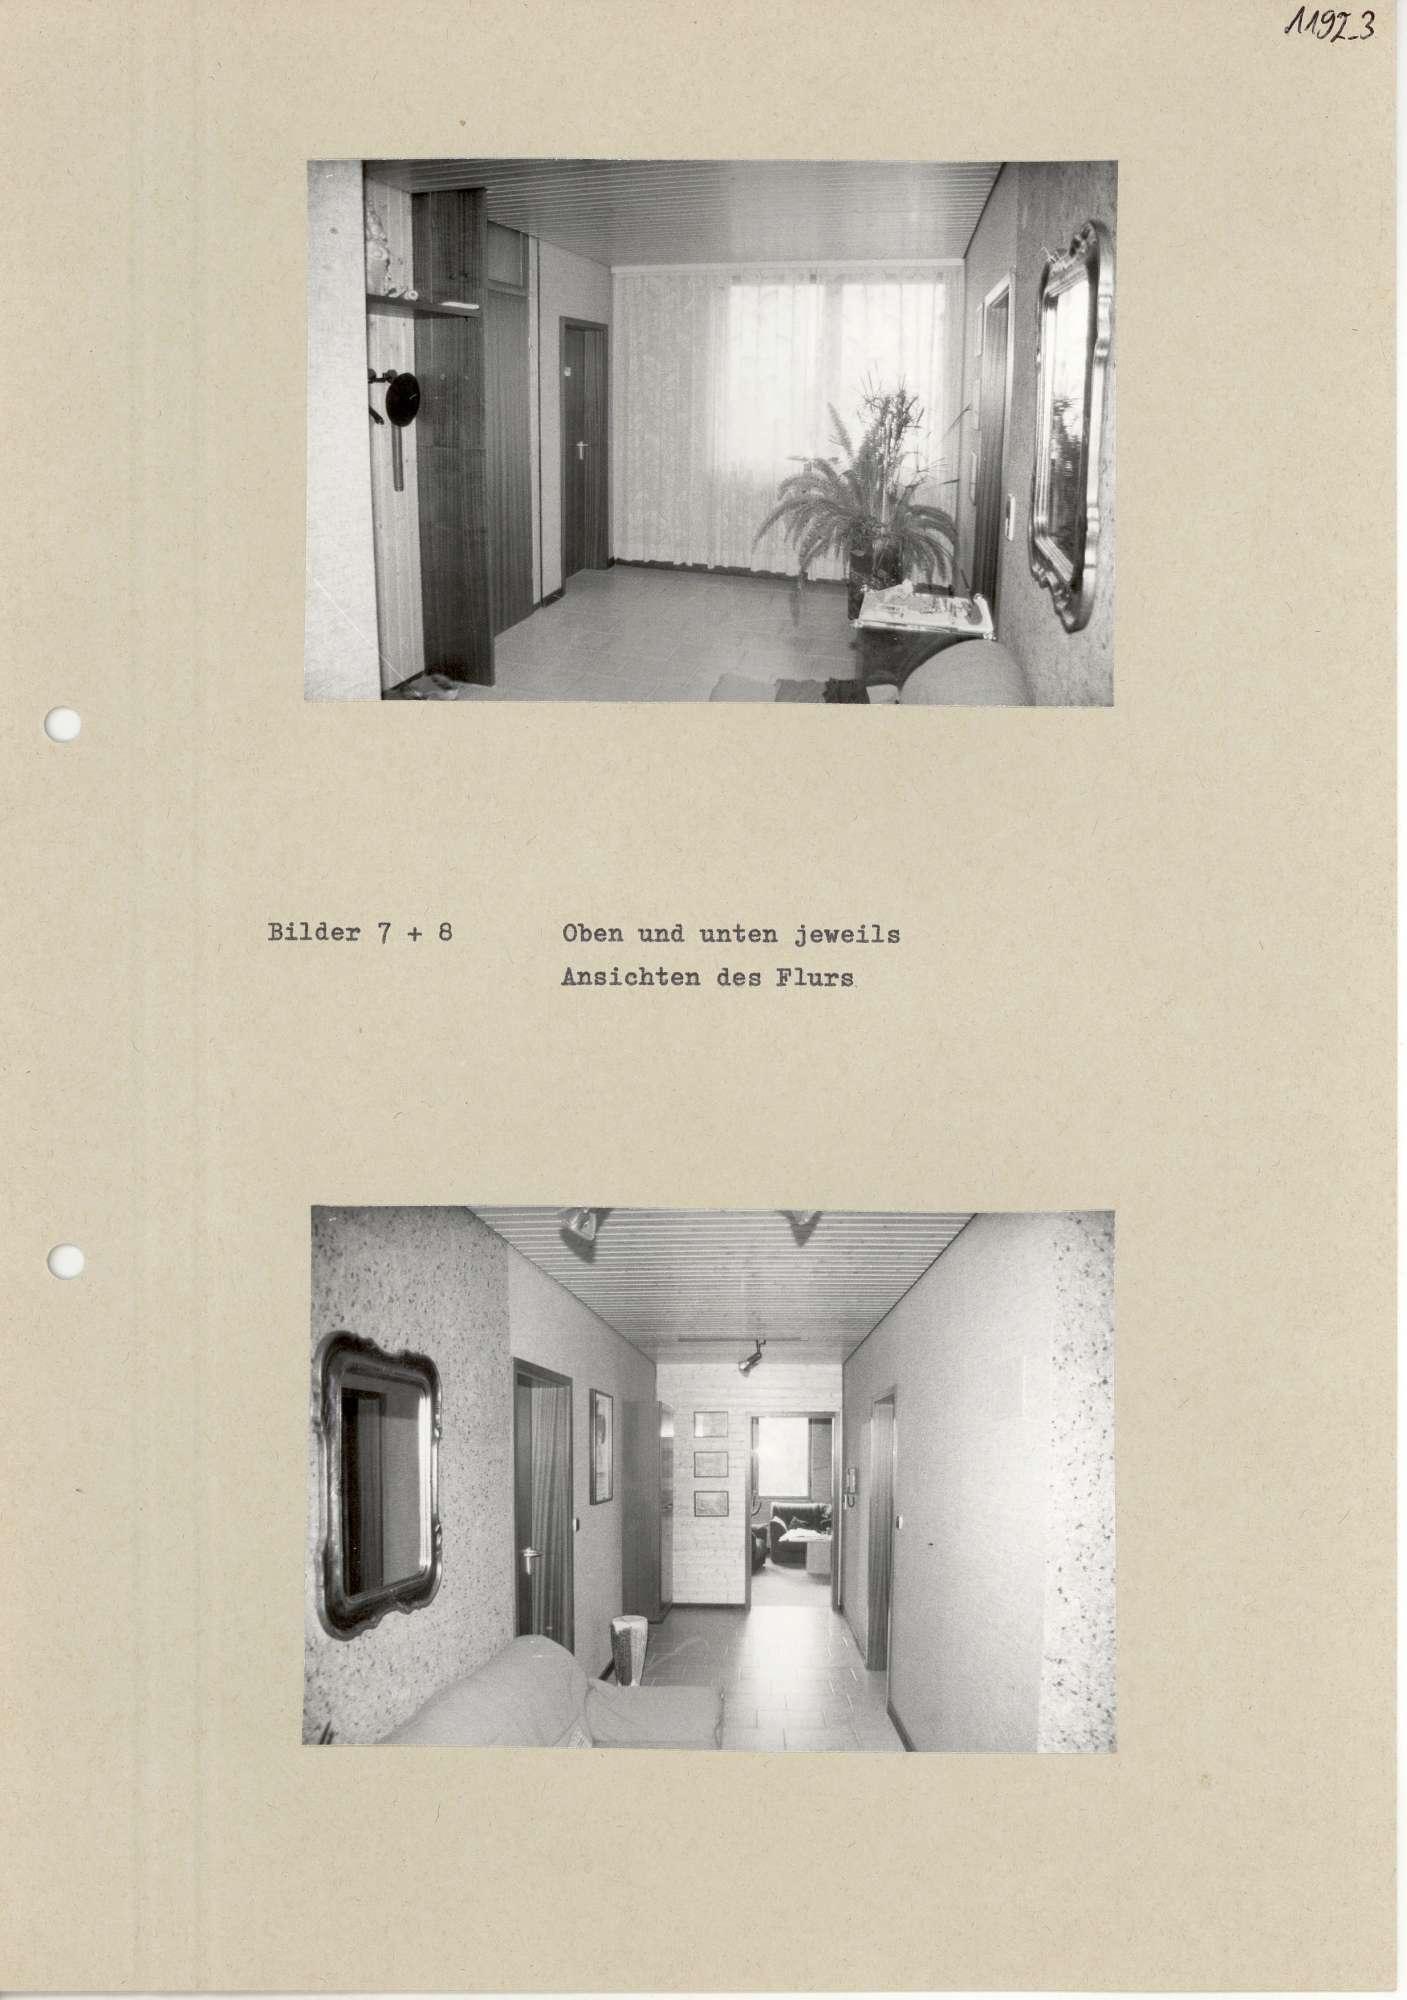 Pfullingen: 14 Fotos u.a., Bild 3